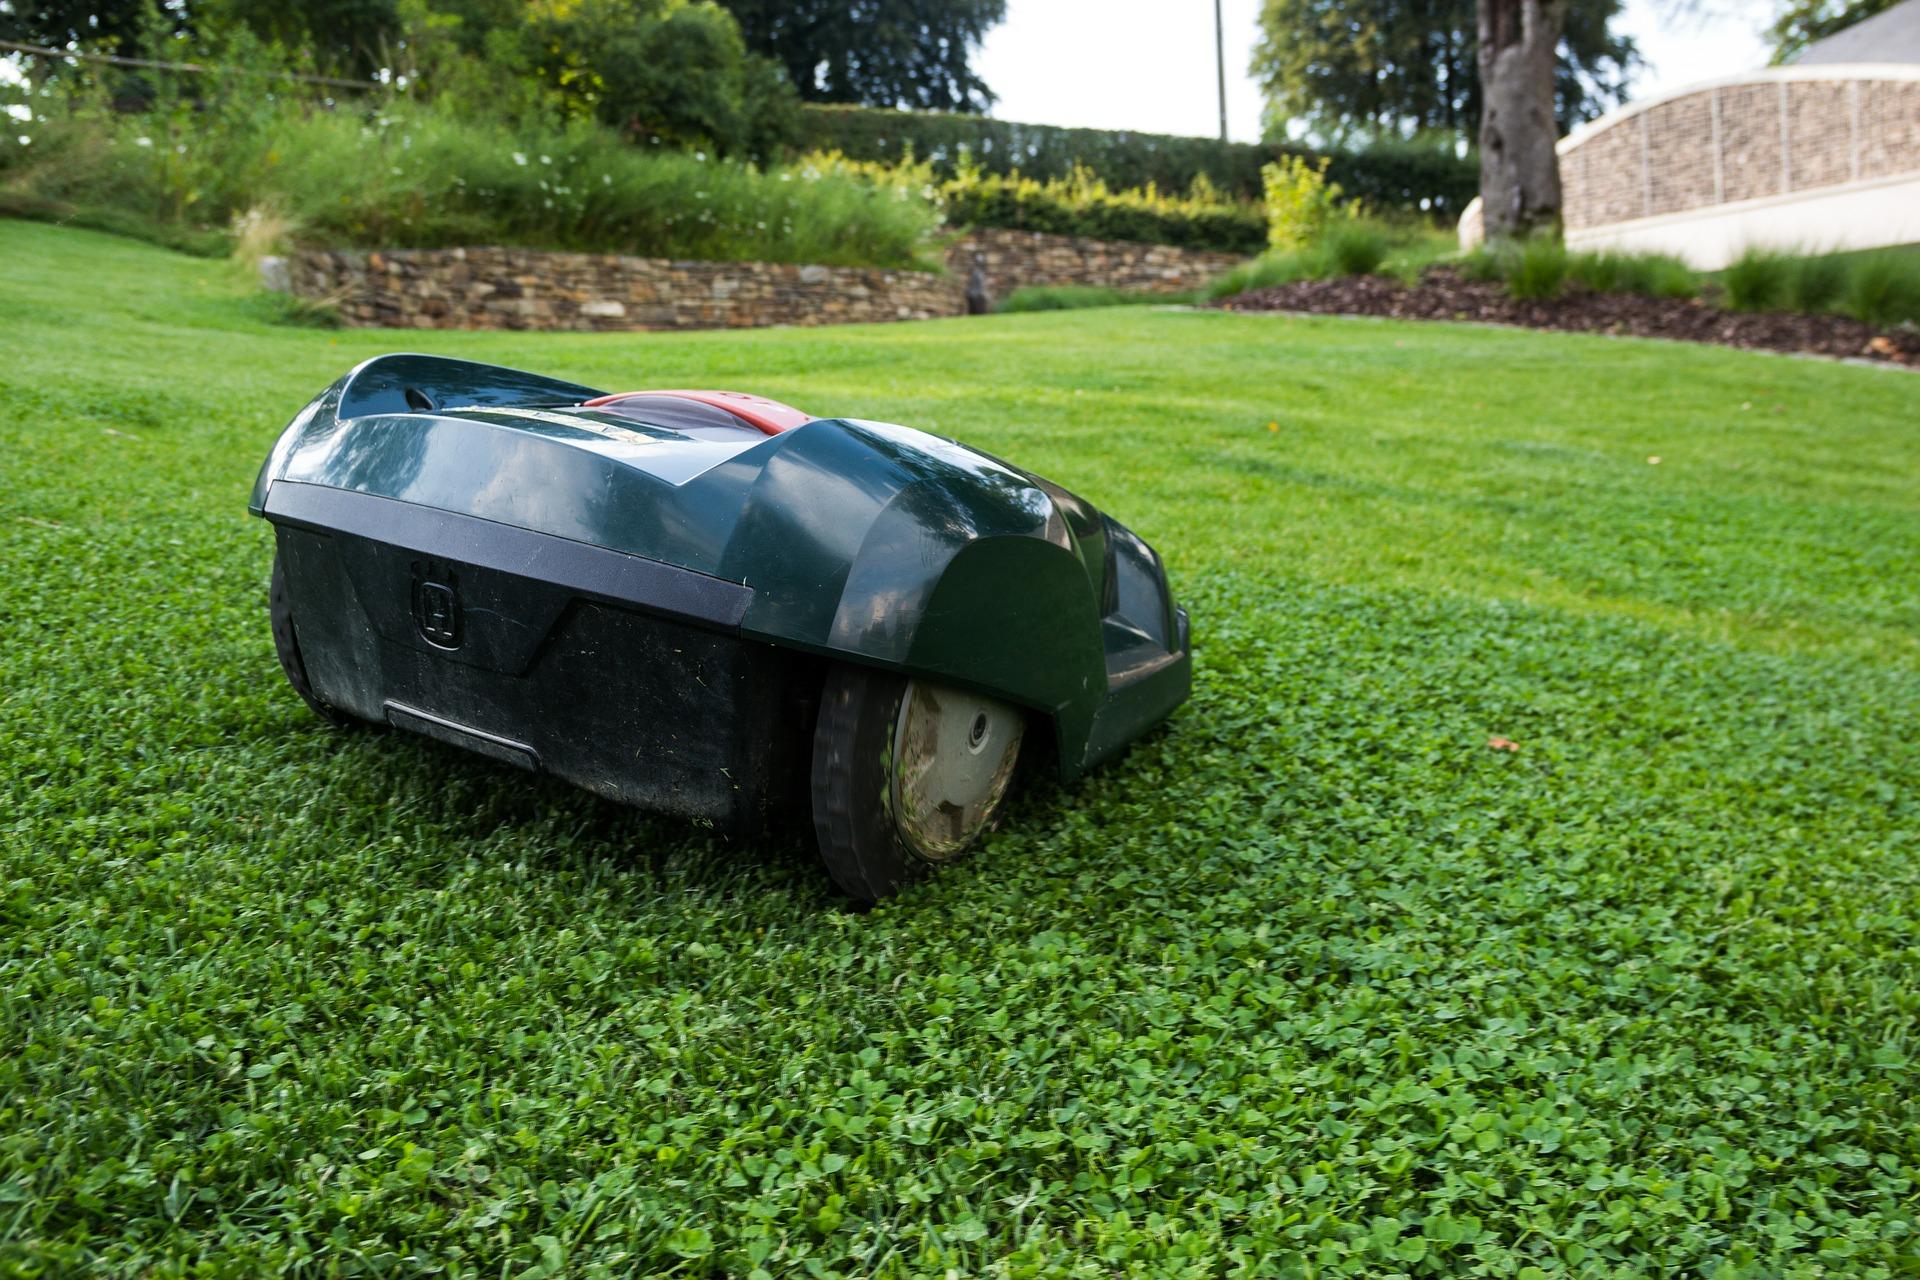 芝生の密度を上げるために芝刈りは必須